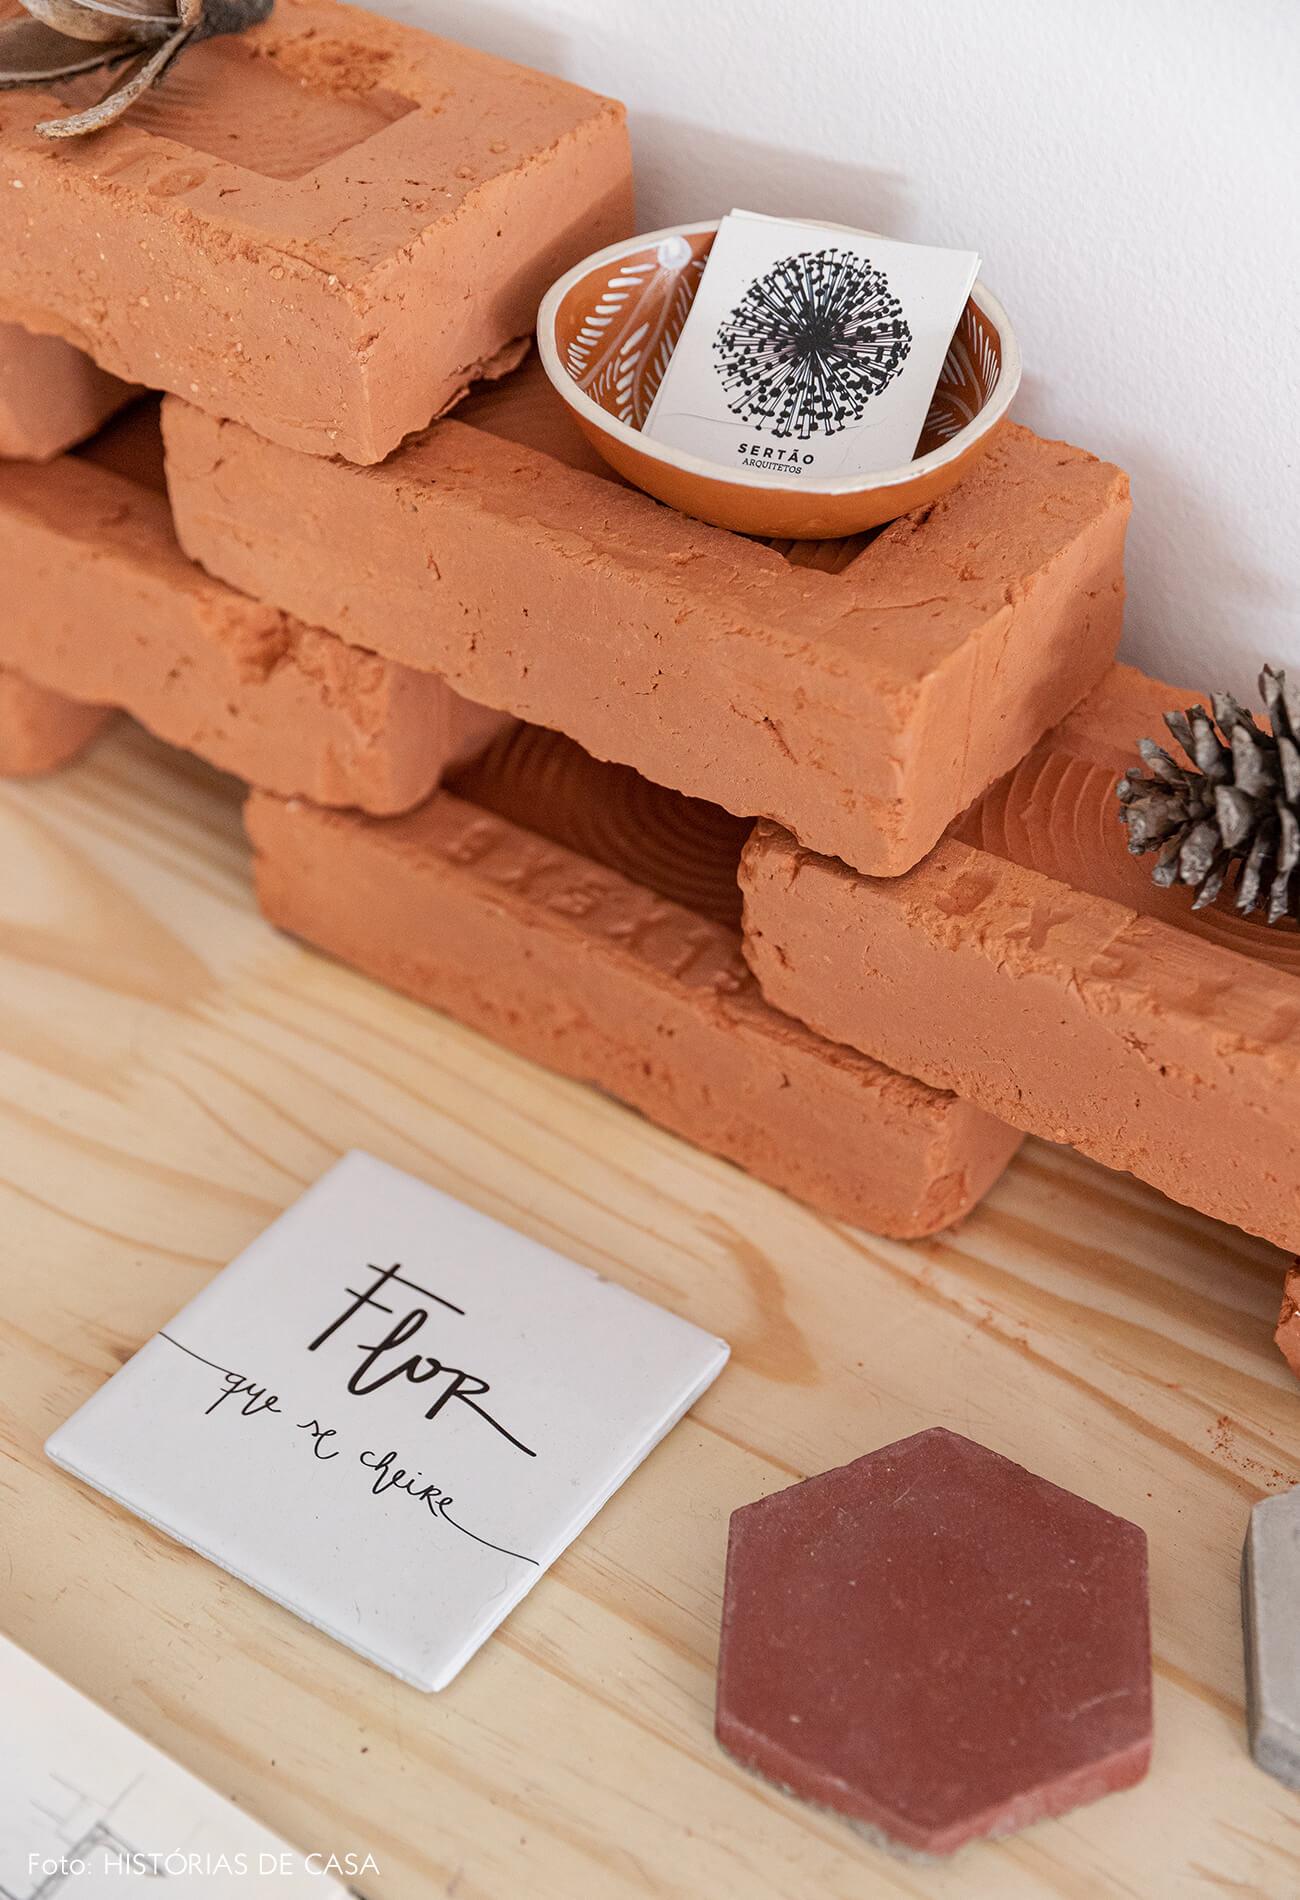 detalhe-tijolos-em-mesa-madeira